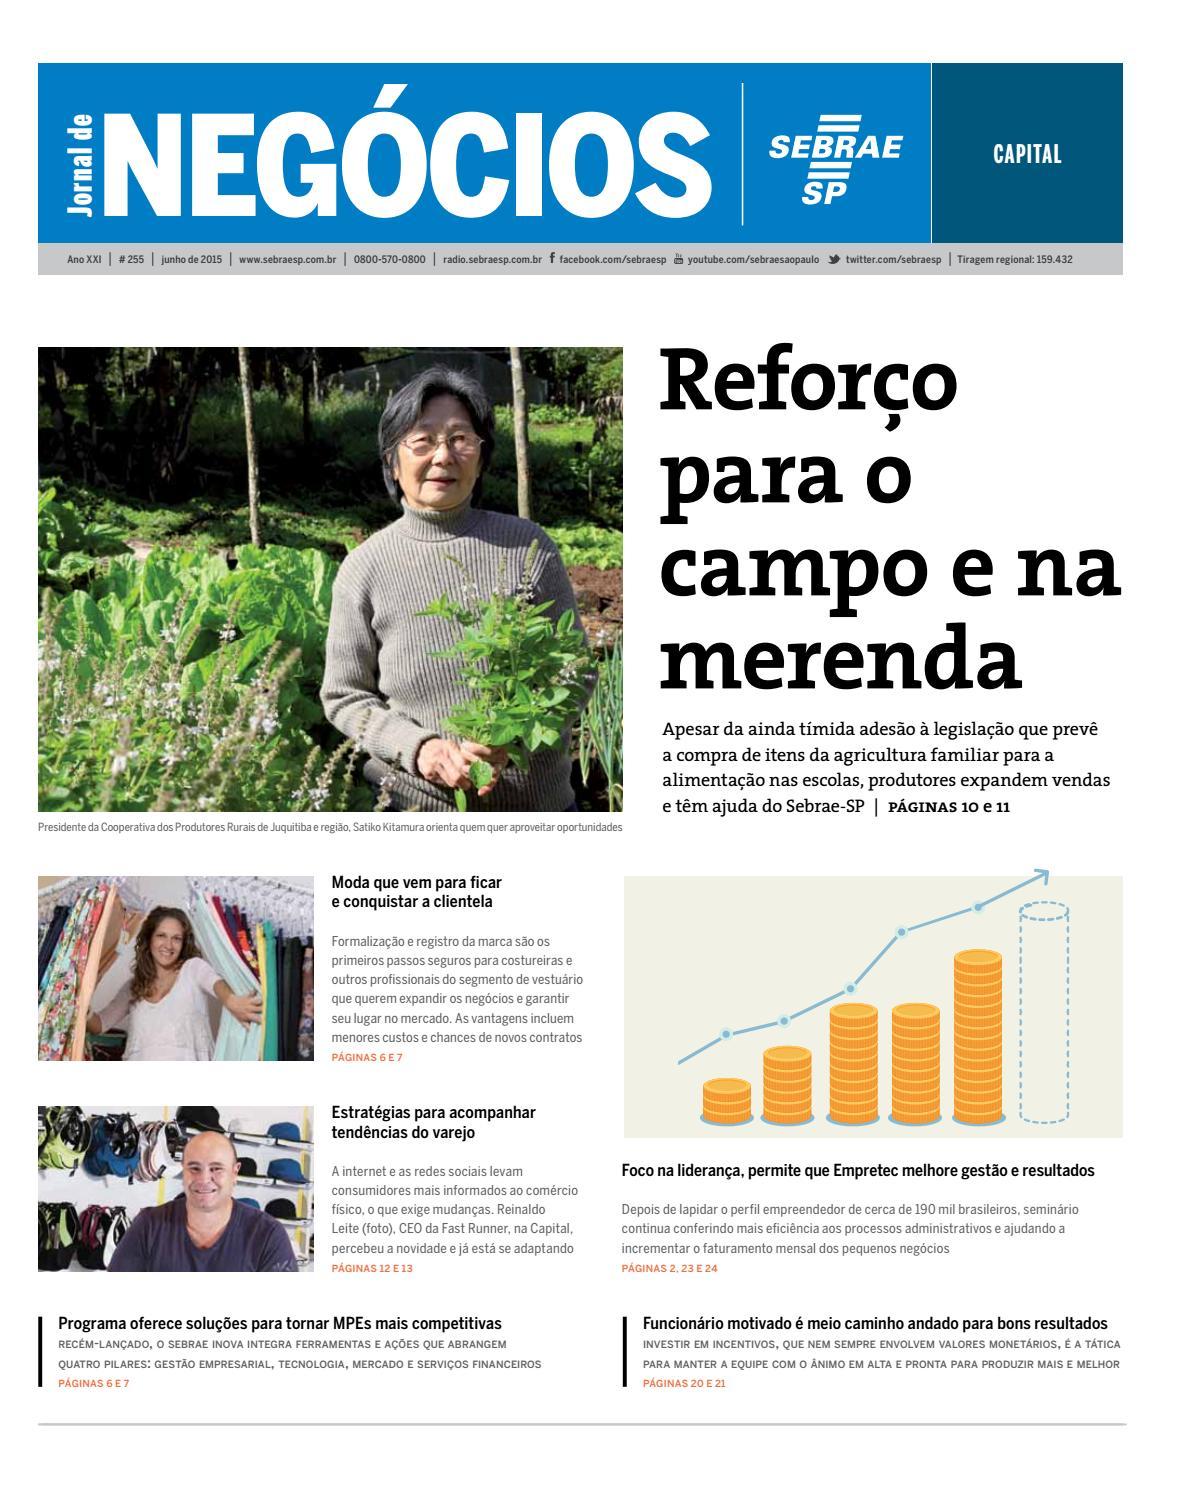 82a8508894d Jornal de Negócios Sebrae-SP - 01 de junho de 2015 - Capital by Sebrae-SP -  issuu